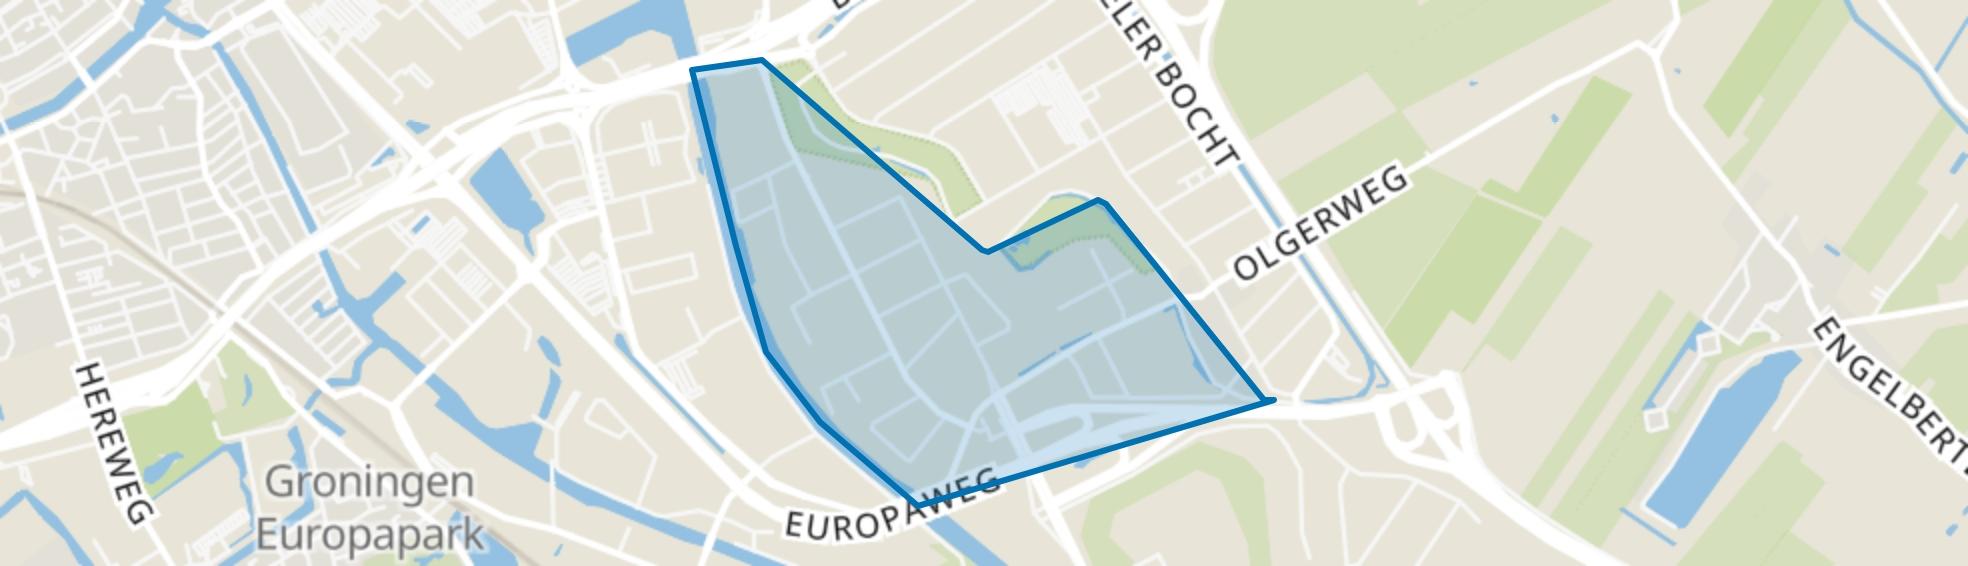 Euvelgunne, Groningen map